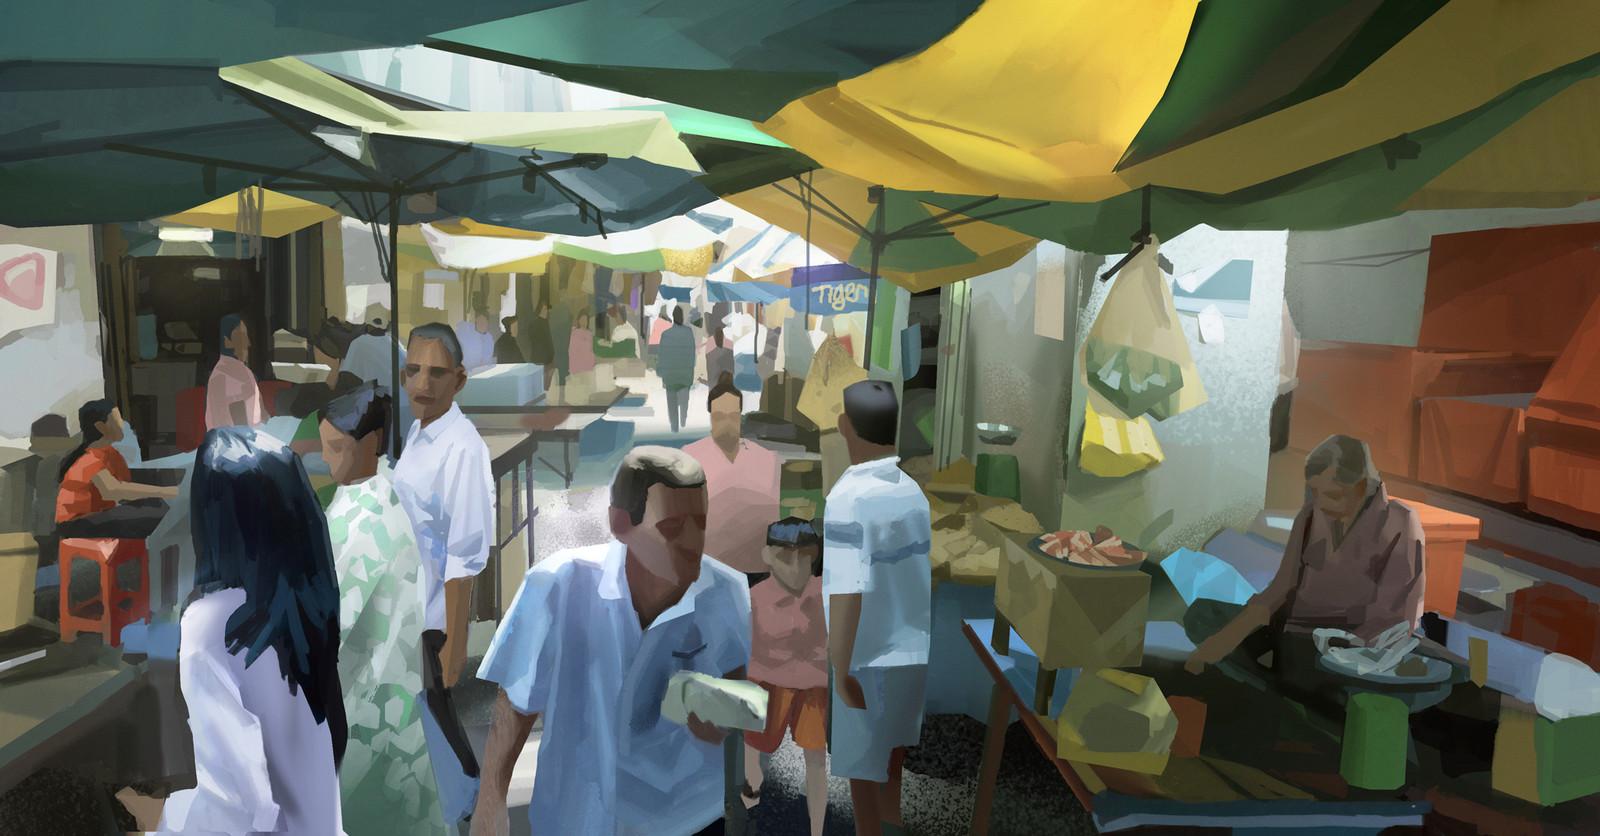 The Market - Pnom Penh (+steps)